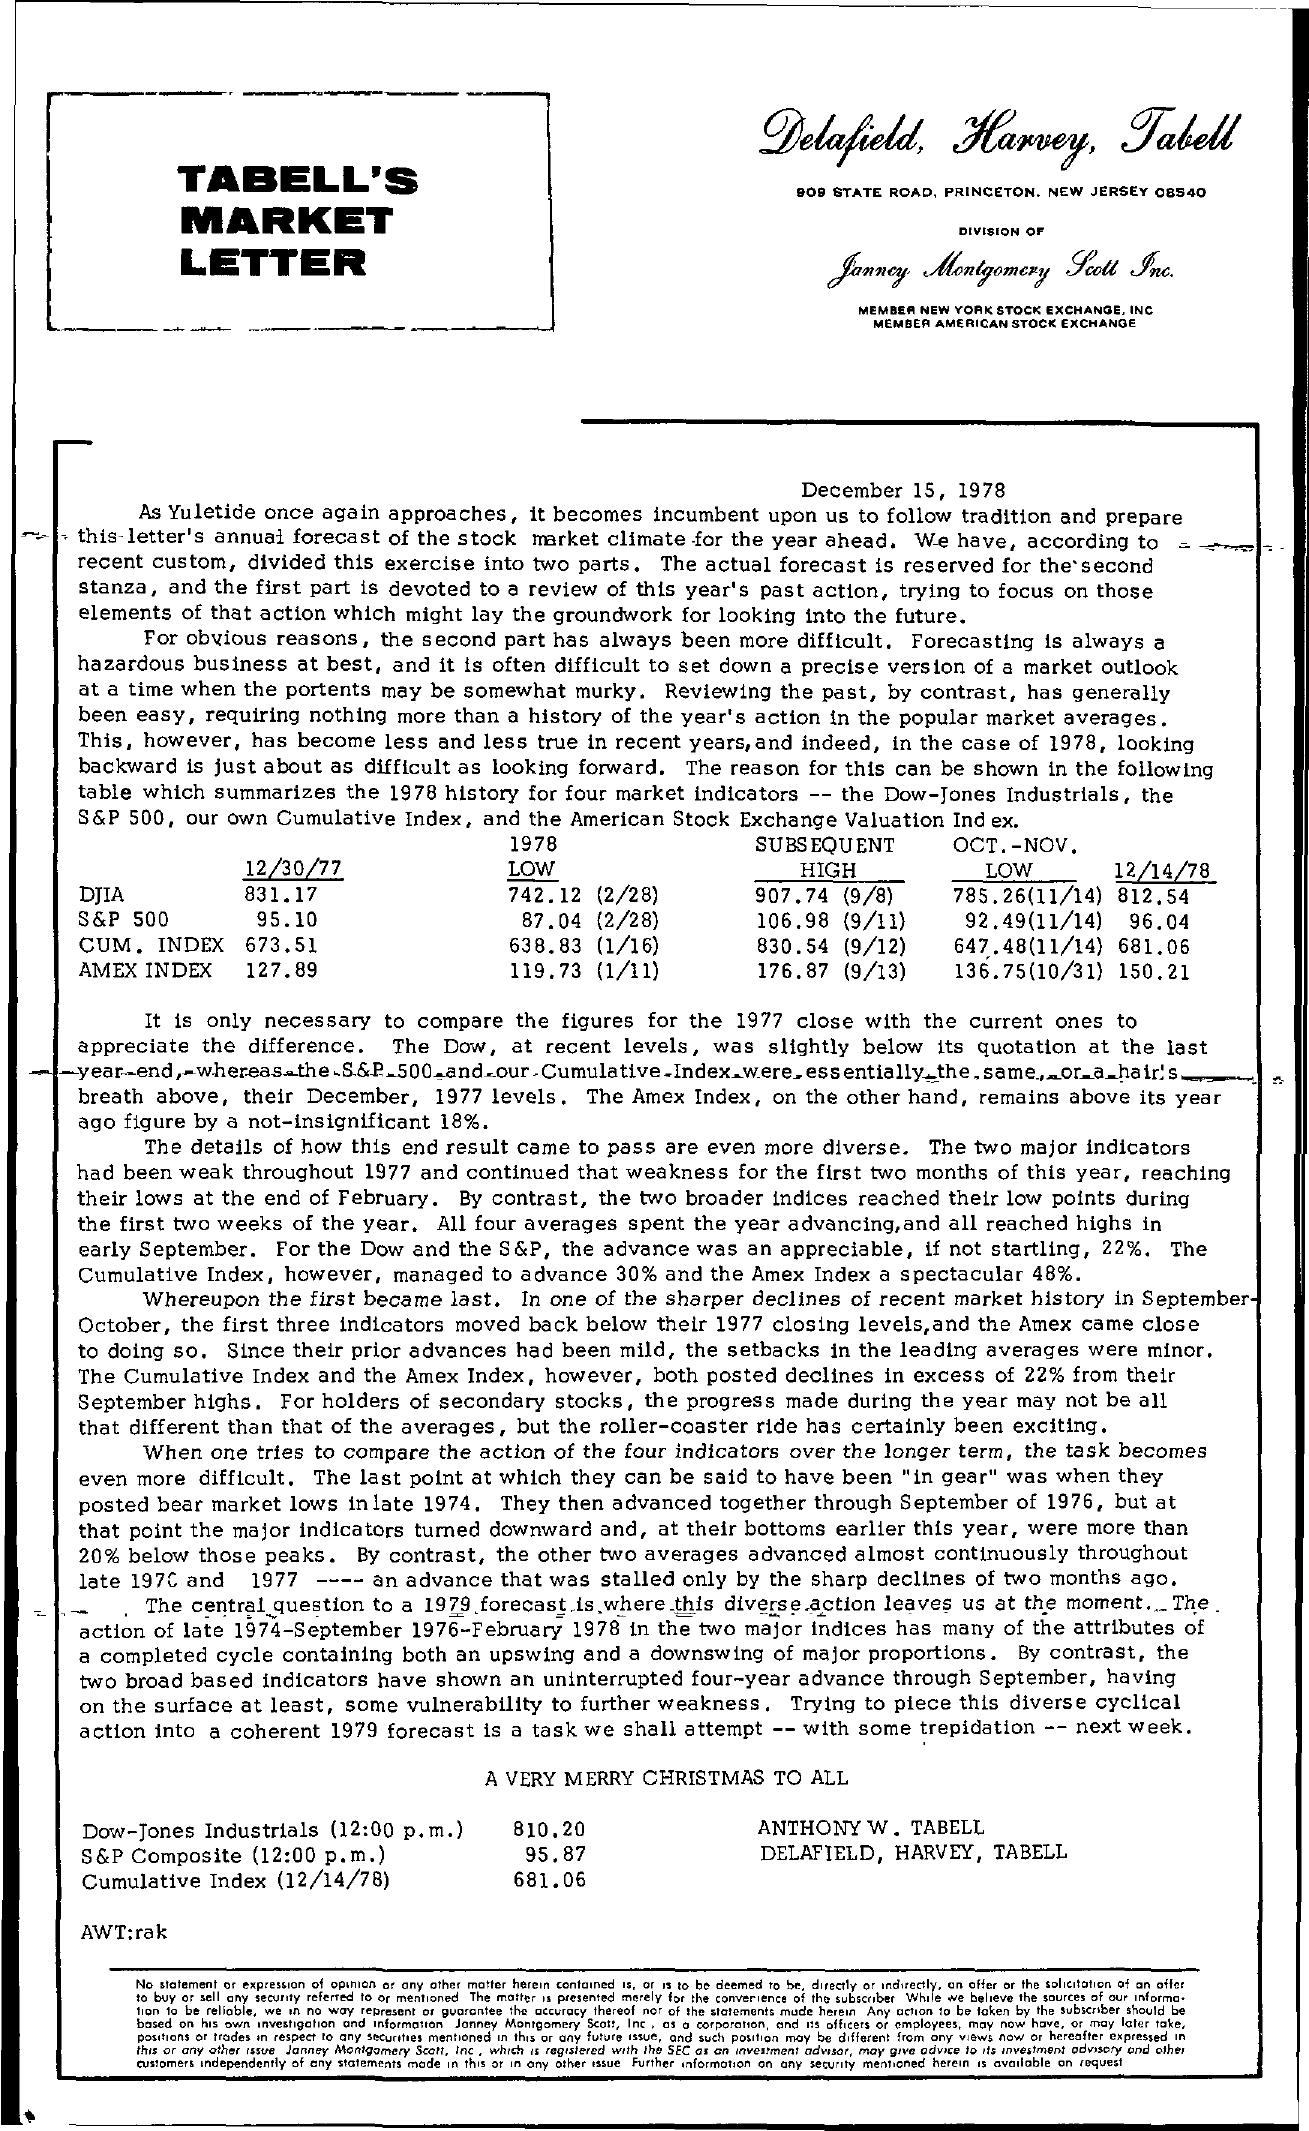 Tabell's Market Letter - December 15, 1978